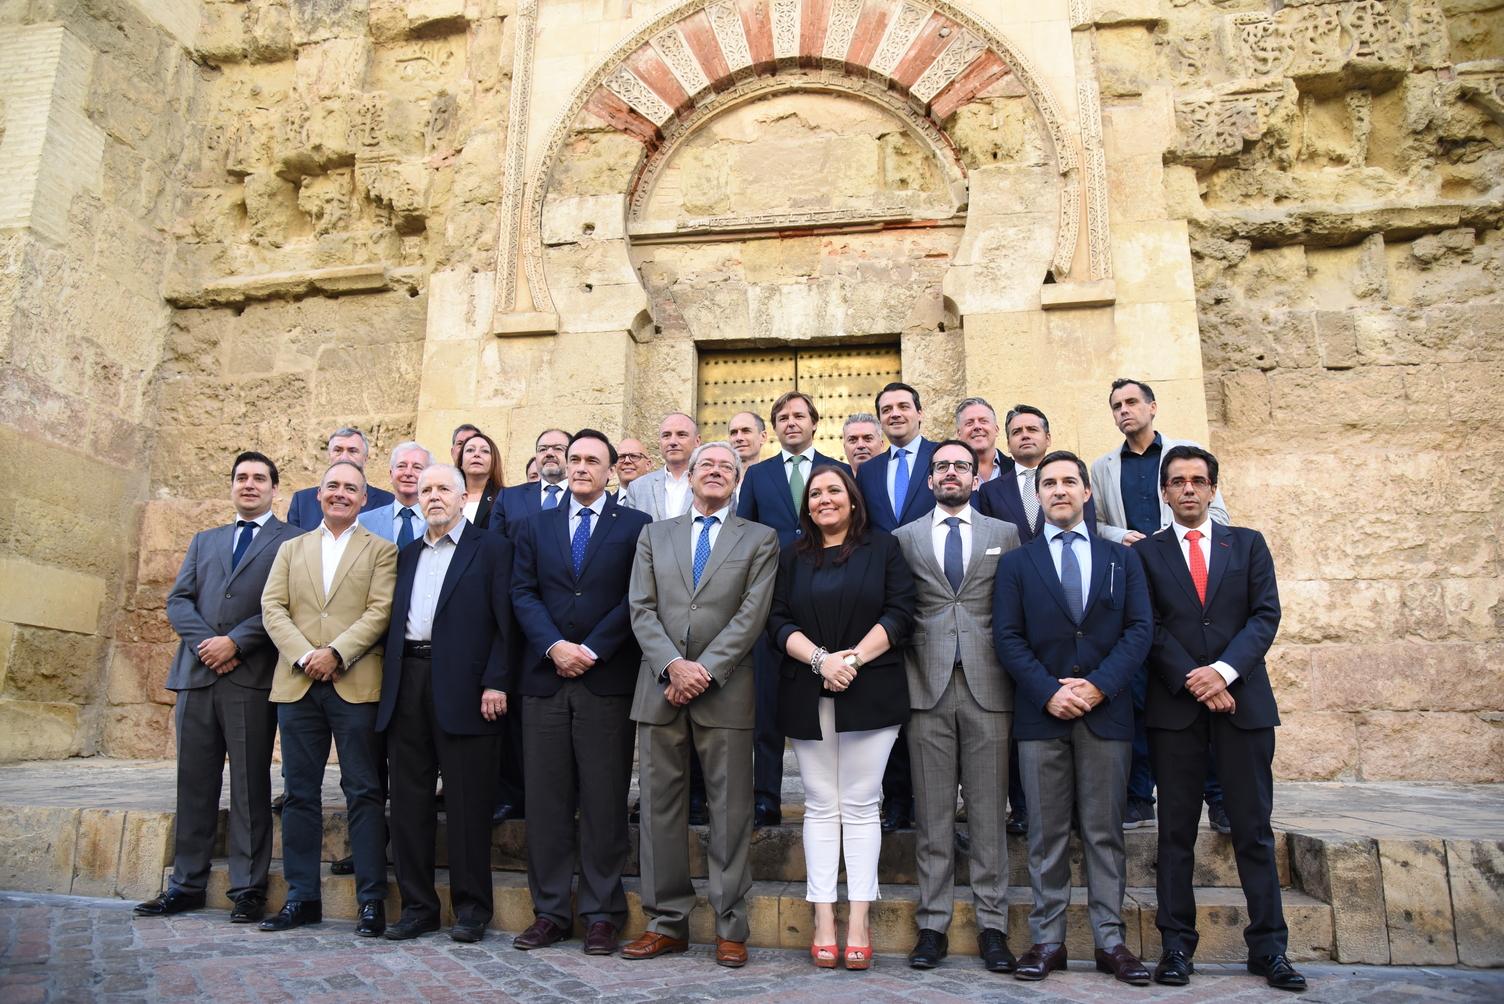 Córdoba se convierte en epicentro de la transformación digital en la jornada 'The Future of Andalucía'